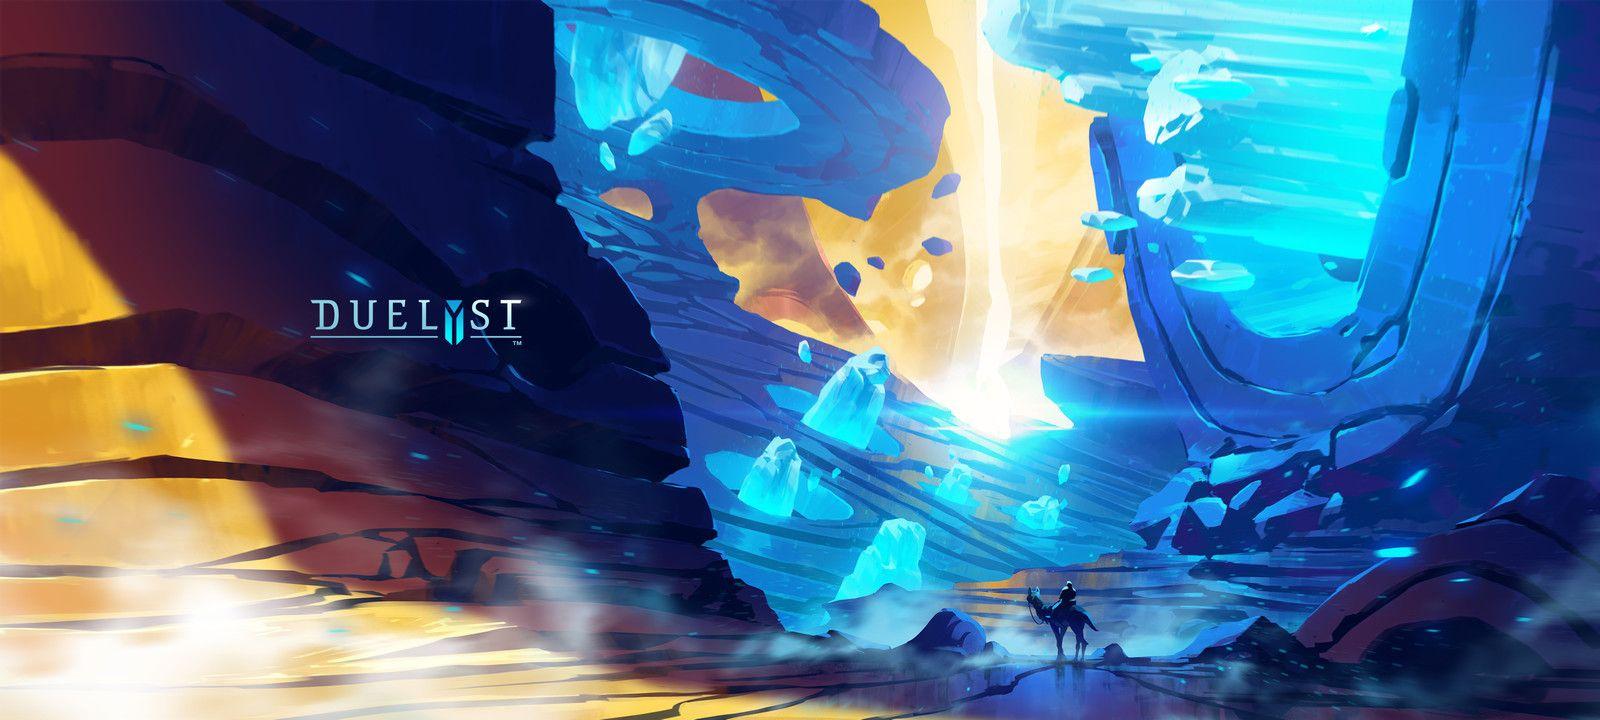 Star Crystals, Anton Fadeev on ArtStation at https://www.artstation.com/artwork/1BEaZ